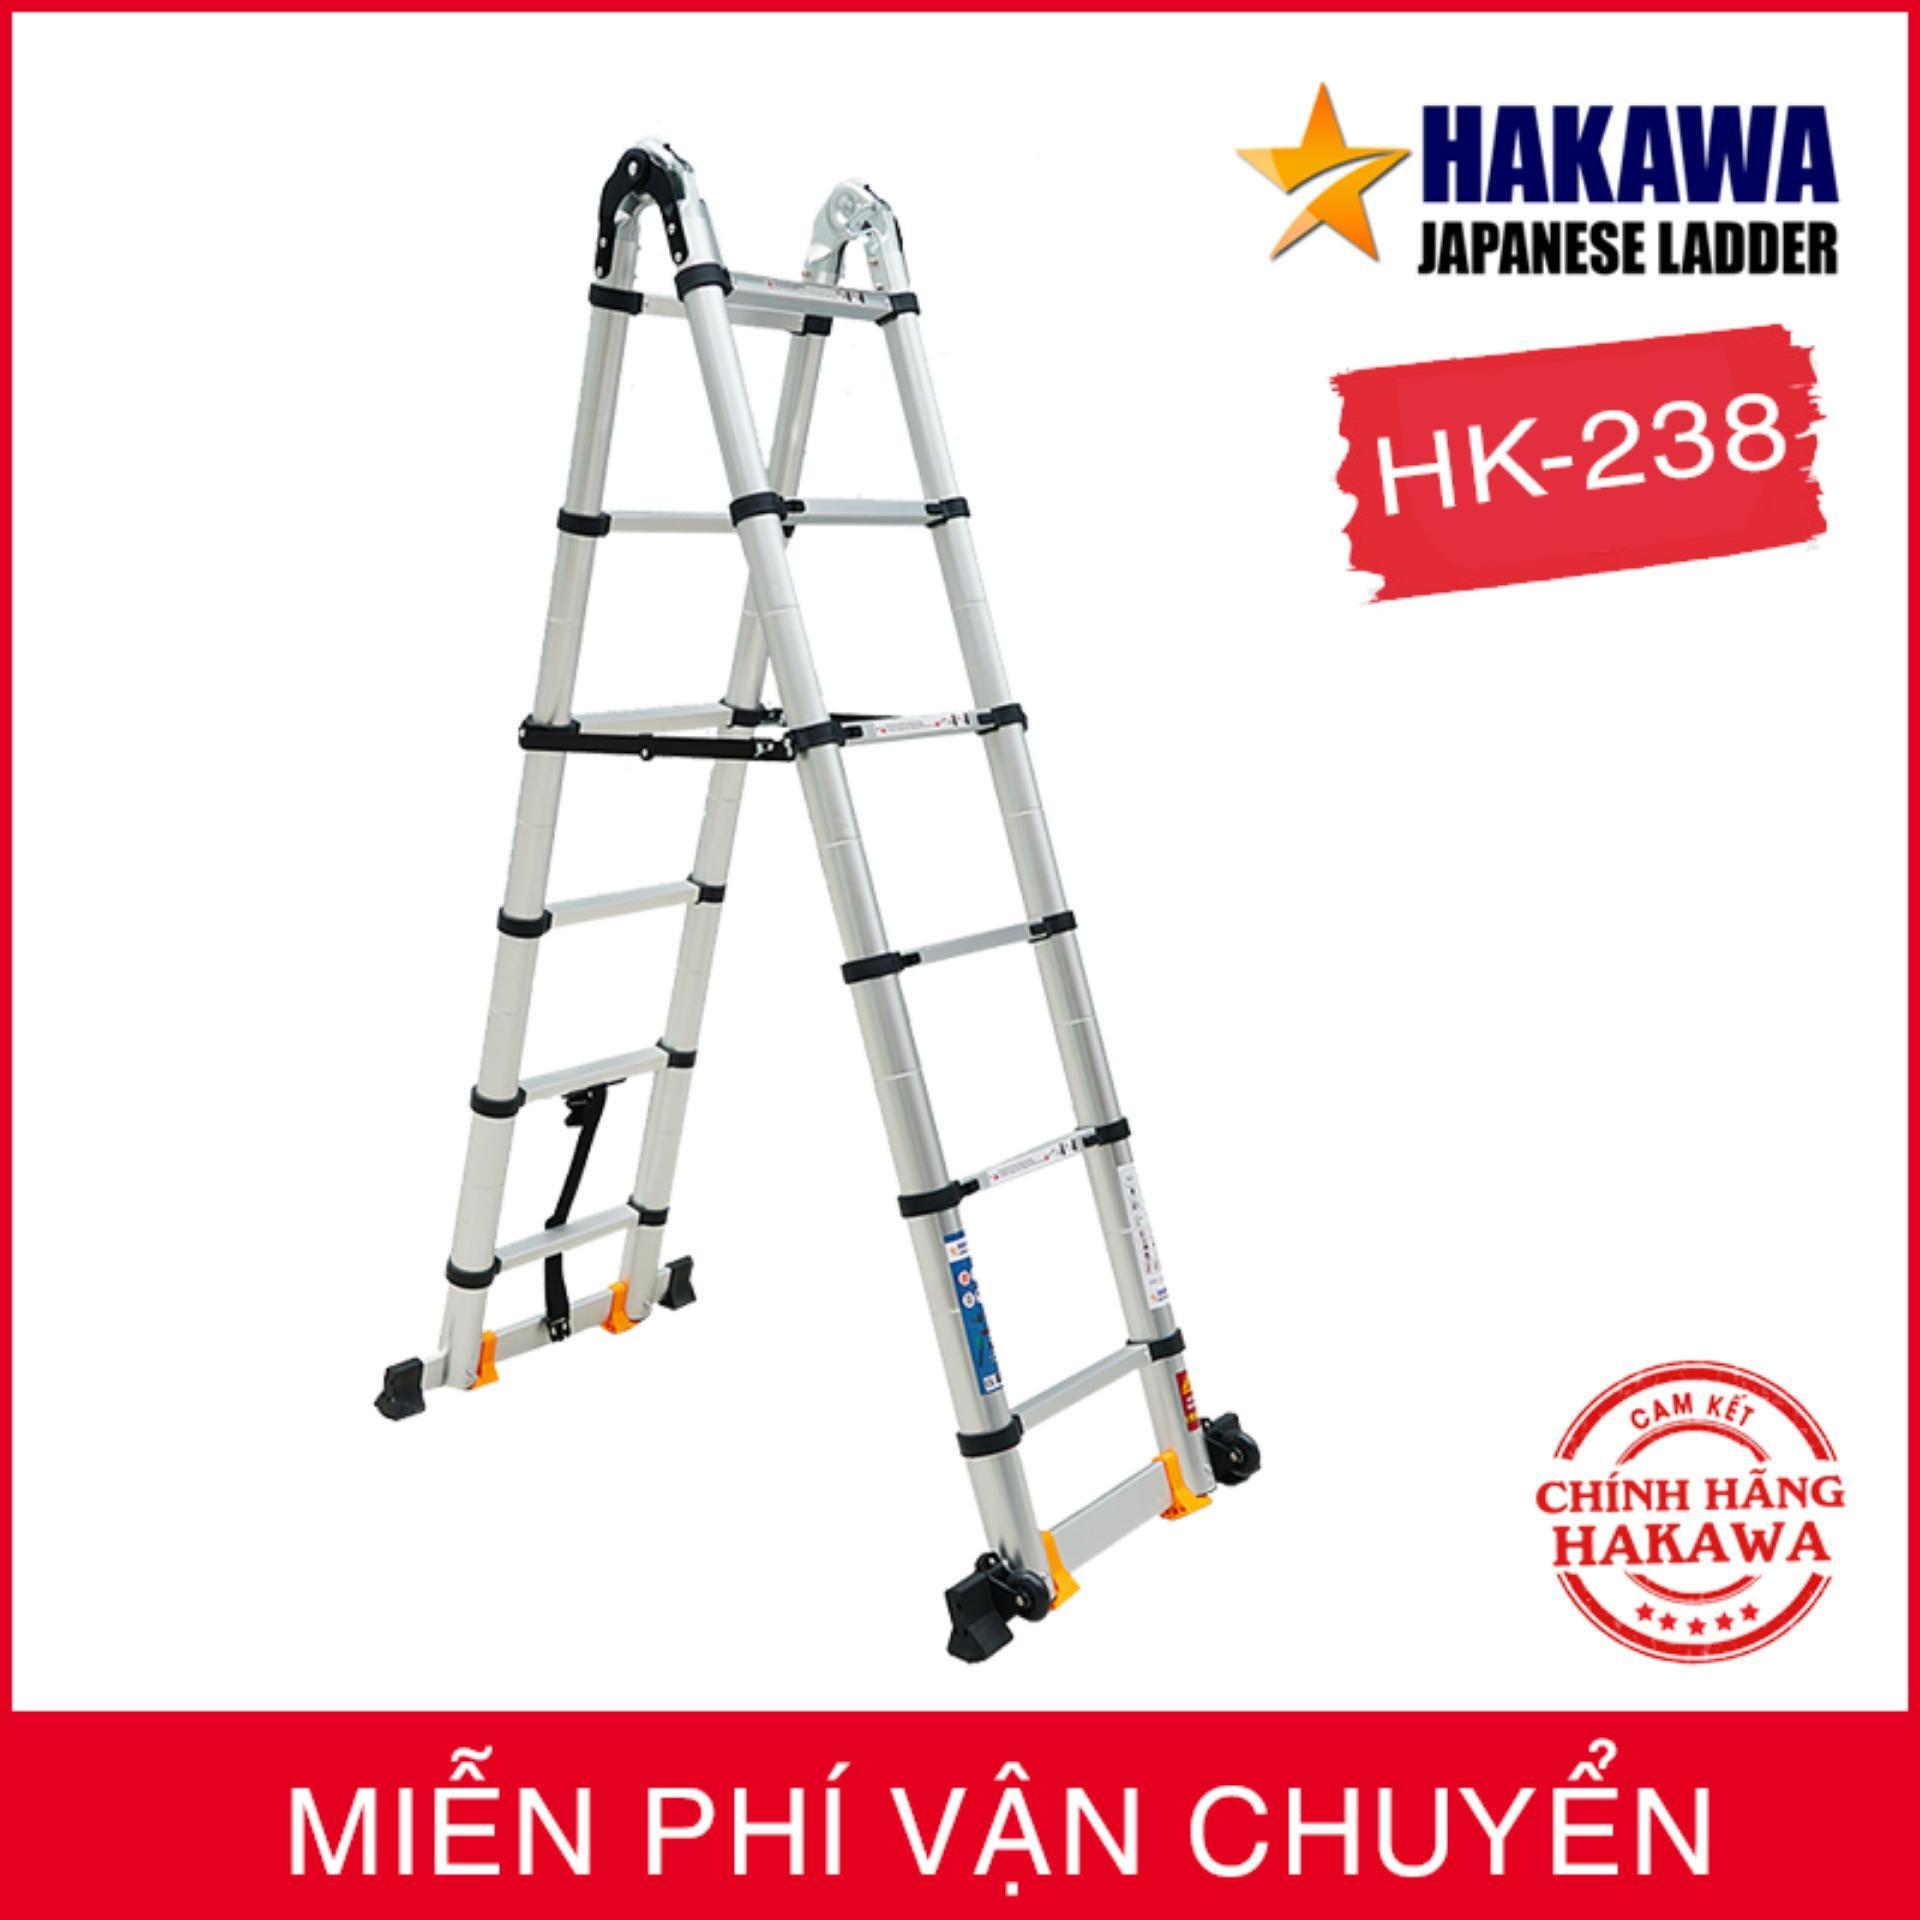 [HAKAWA]Thang nhôm rút đôi cao cấp HAKAWA HK238 - Giảm giá 200k khi theo dõi gian hàng thangnhomhakawa